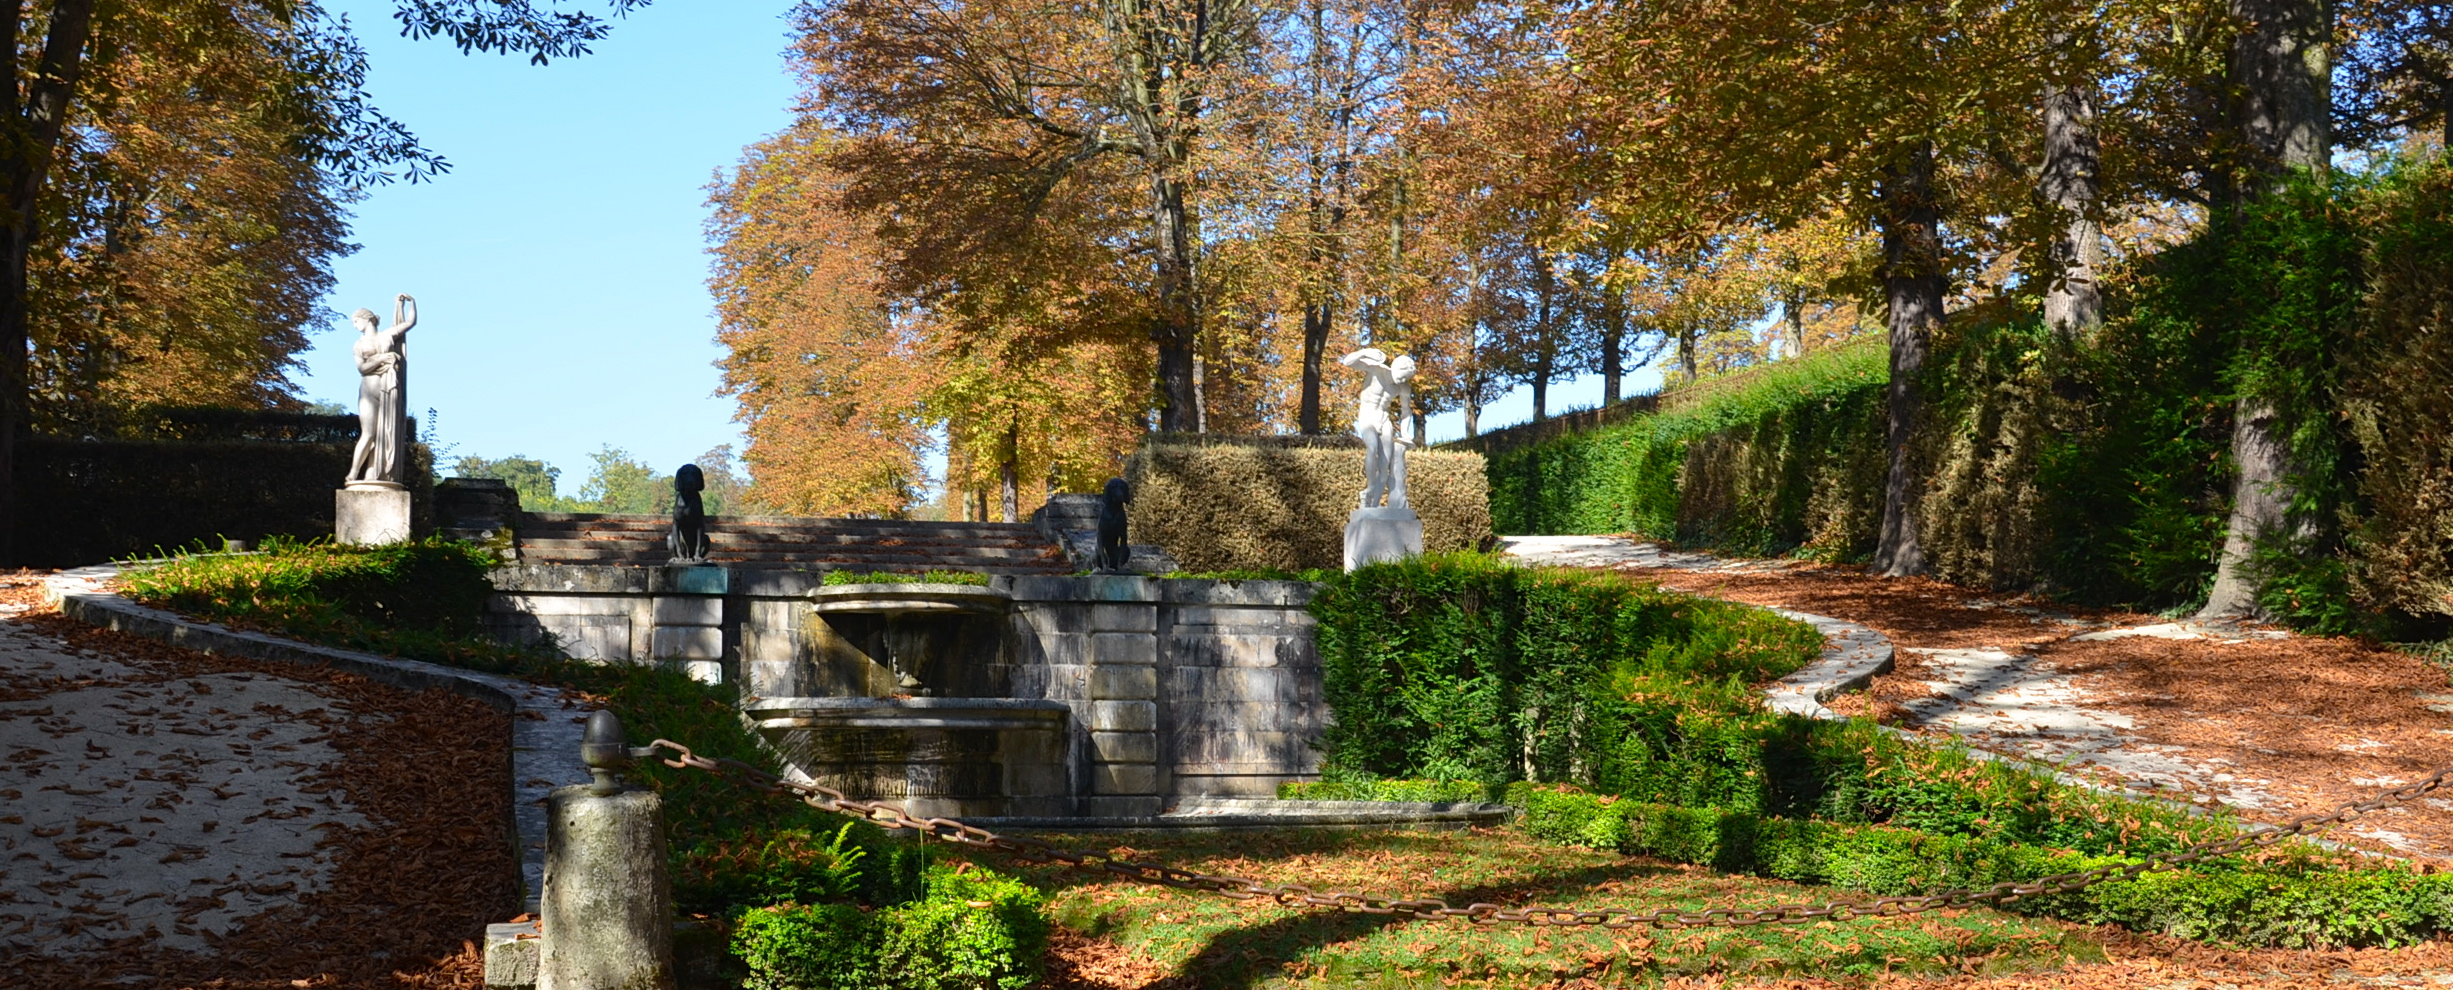 Hauts de seine 92 notrebellefrance for Le jardin hivernal du off paris seine